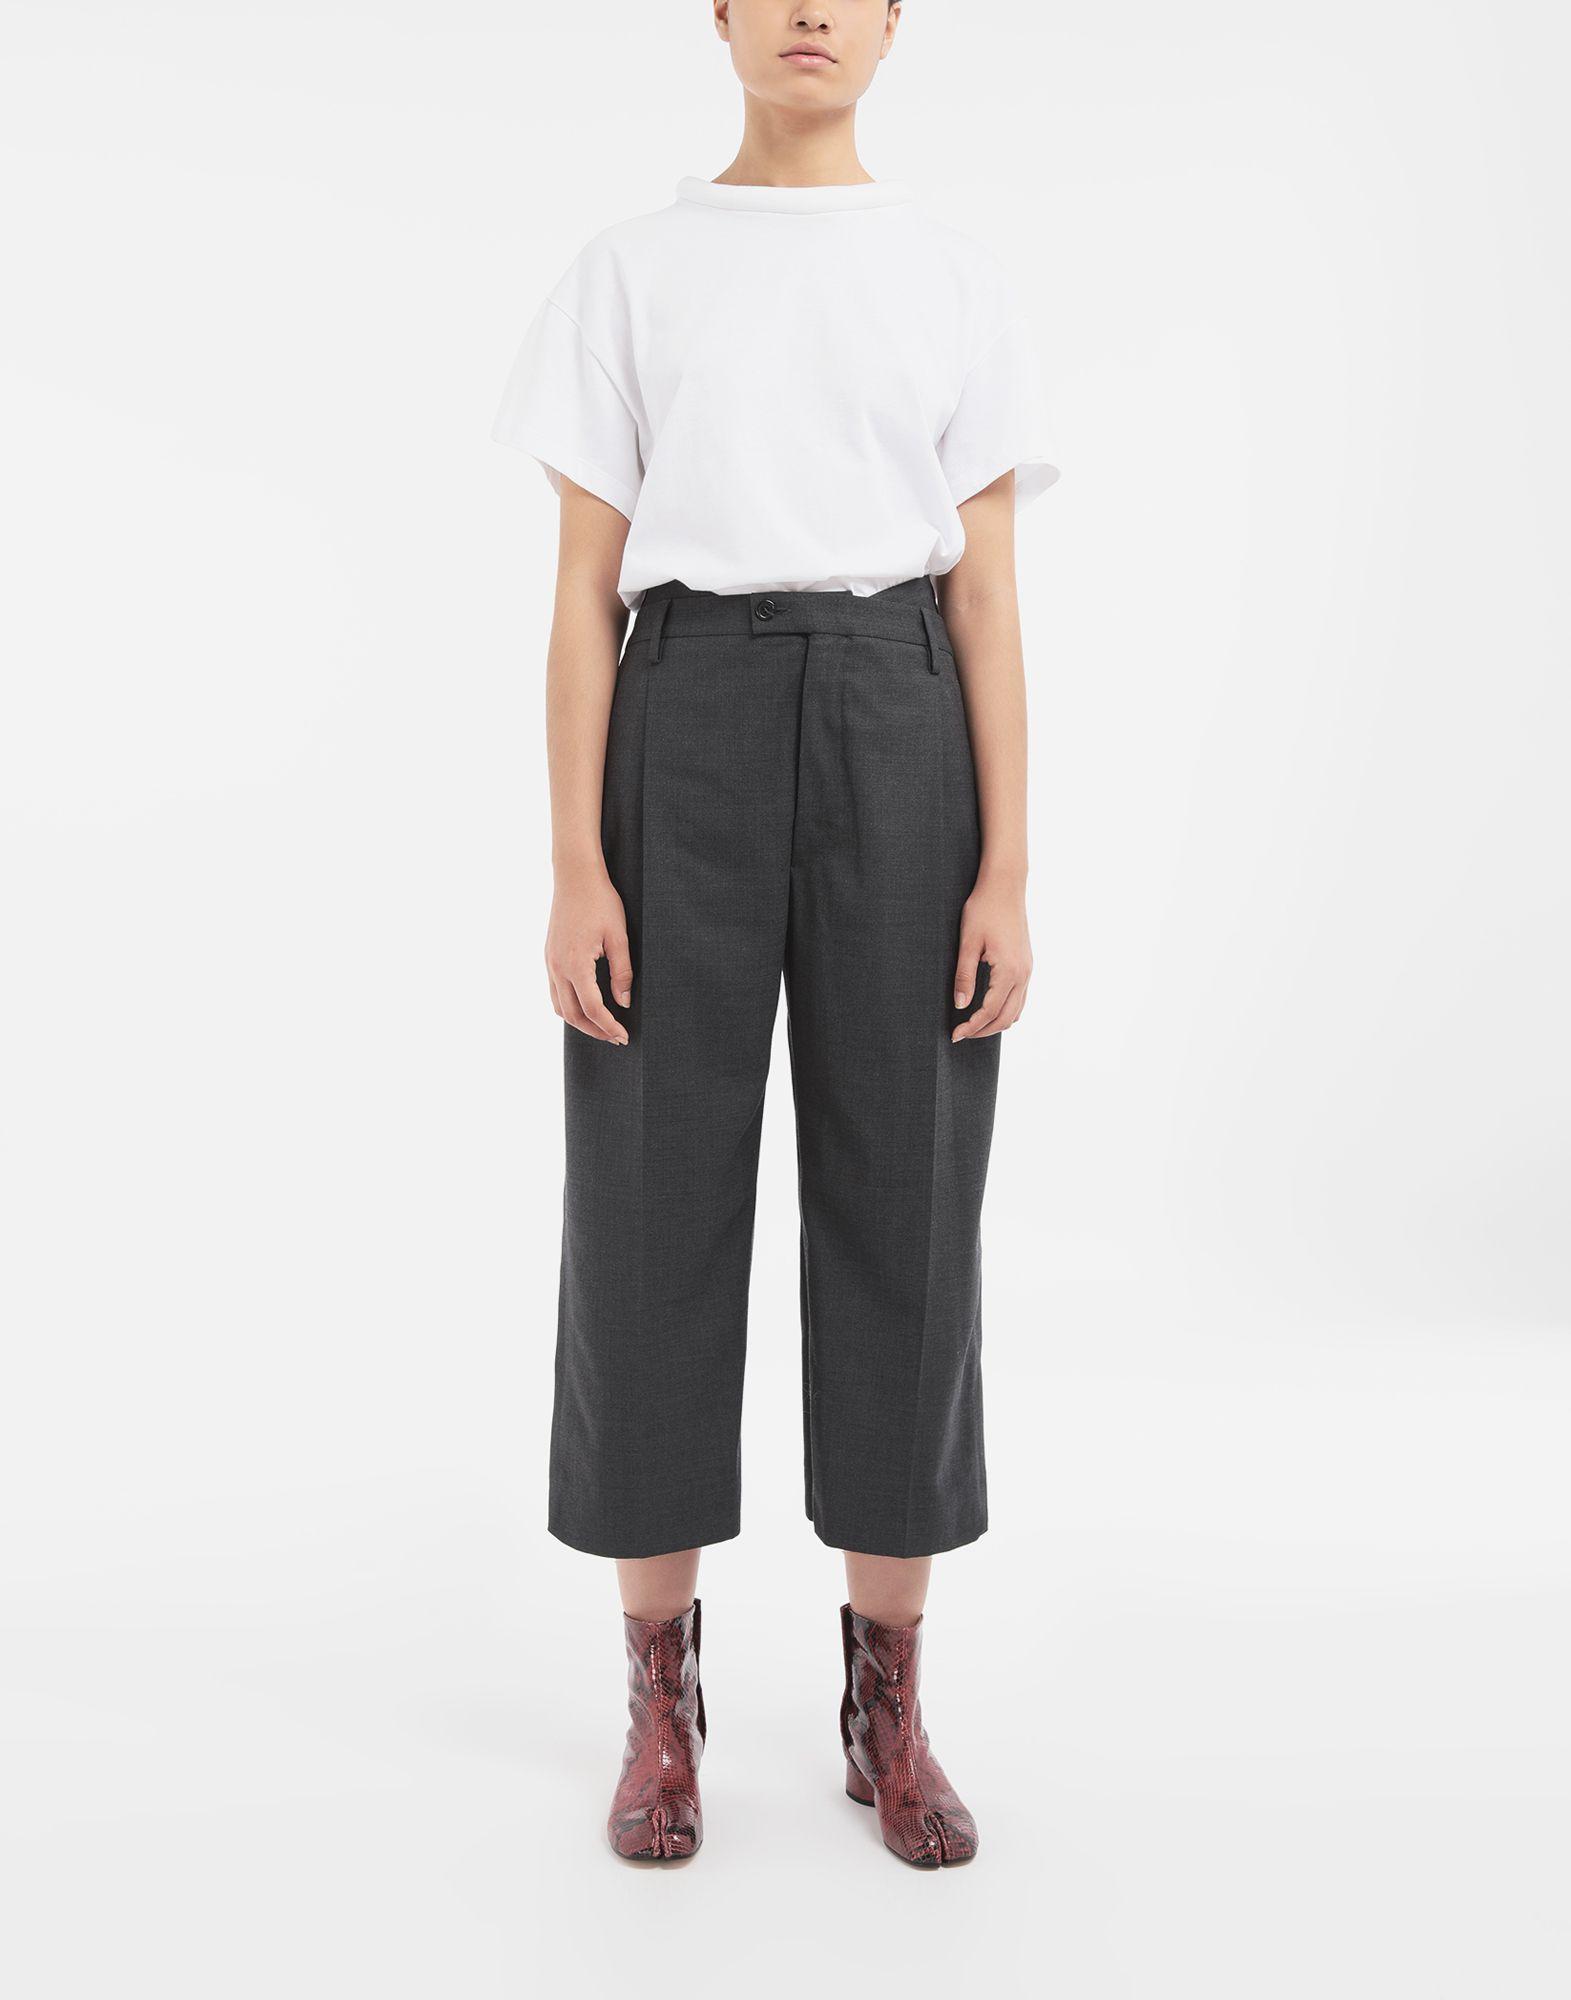 MAISON MARGIELA Spliced trousers Casual pants Woman d